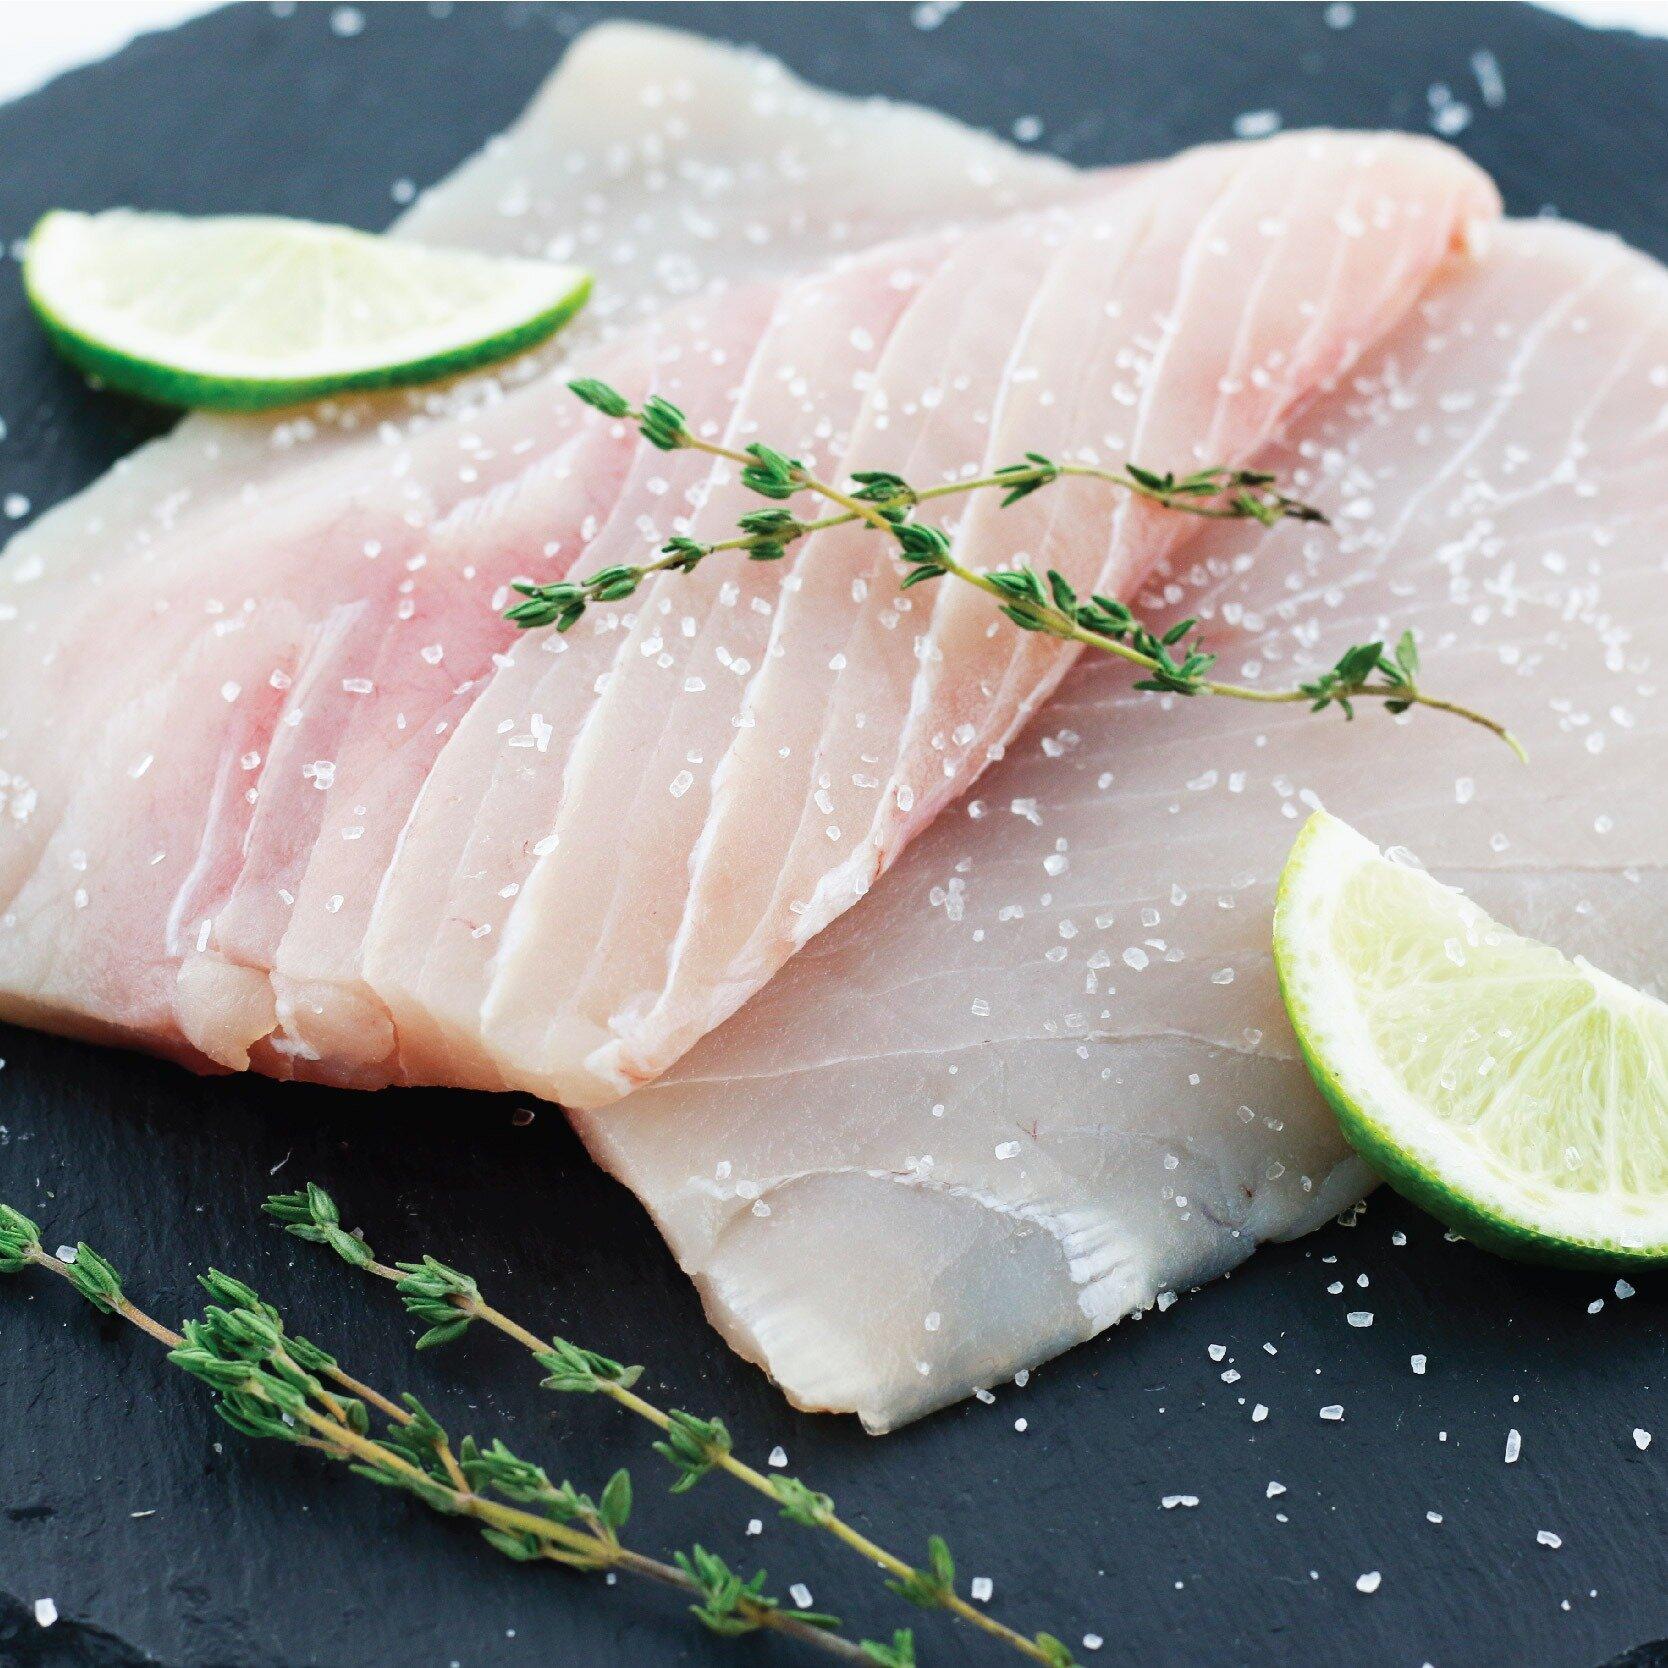 halifakso prekybos sskaitos apvalga